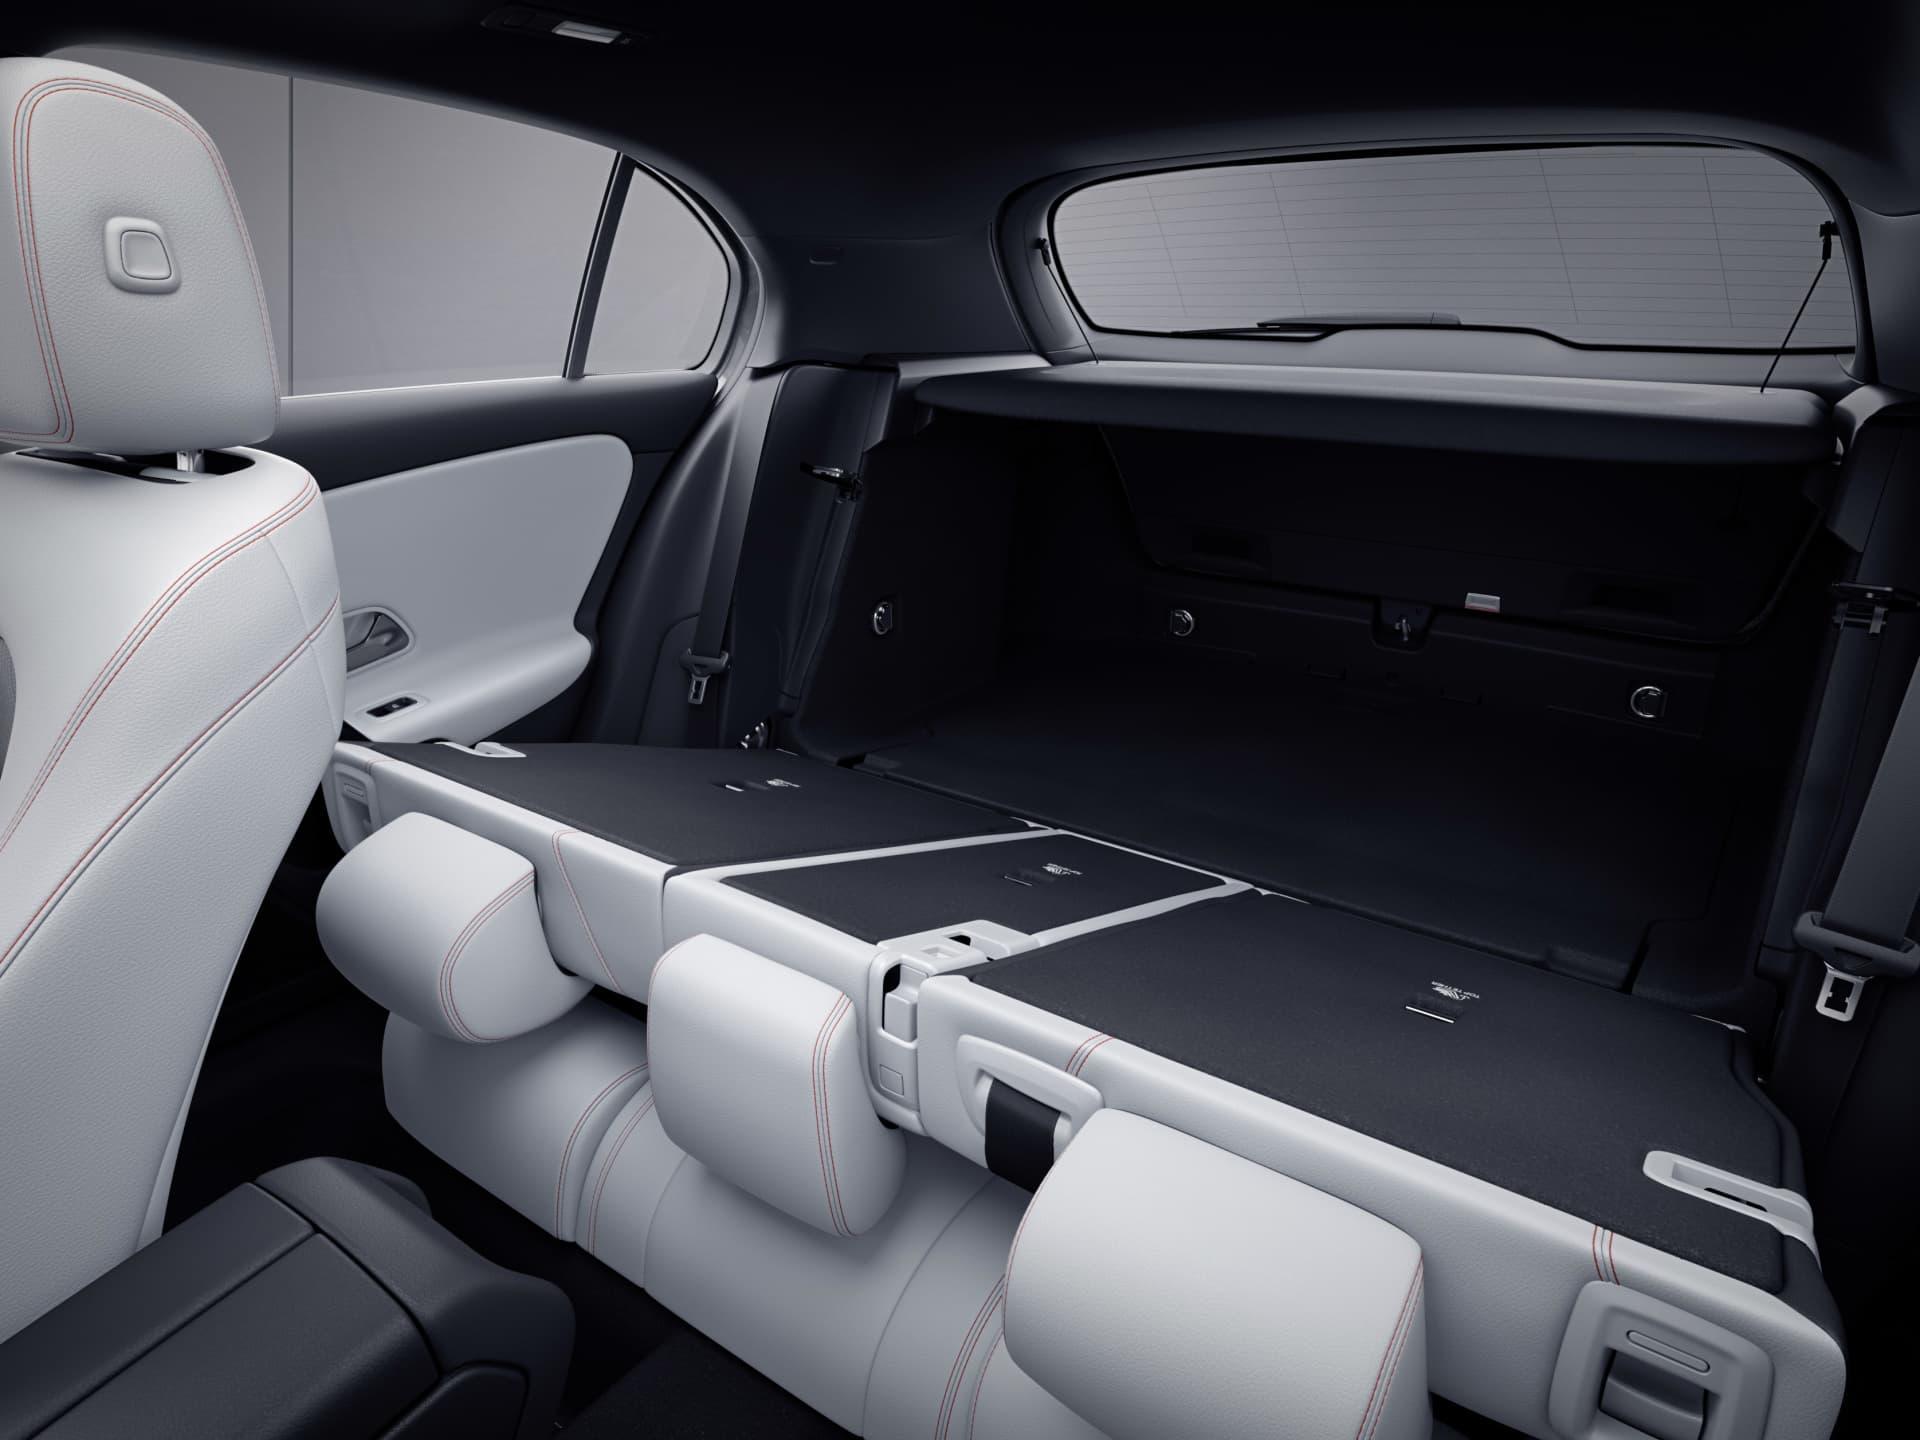 Mercedes Benz A Klasse, W177, 2018